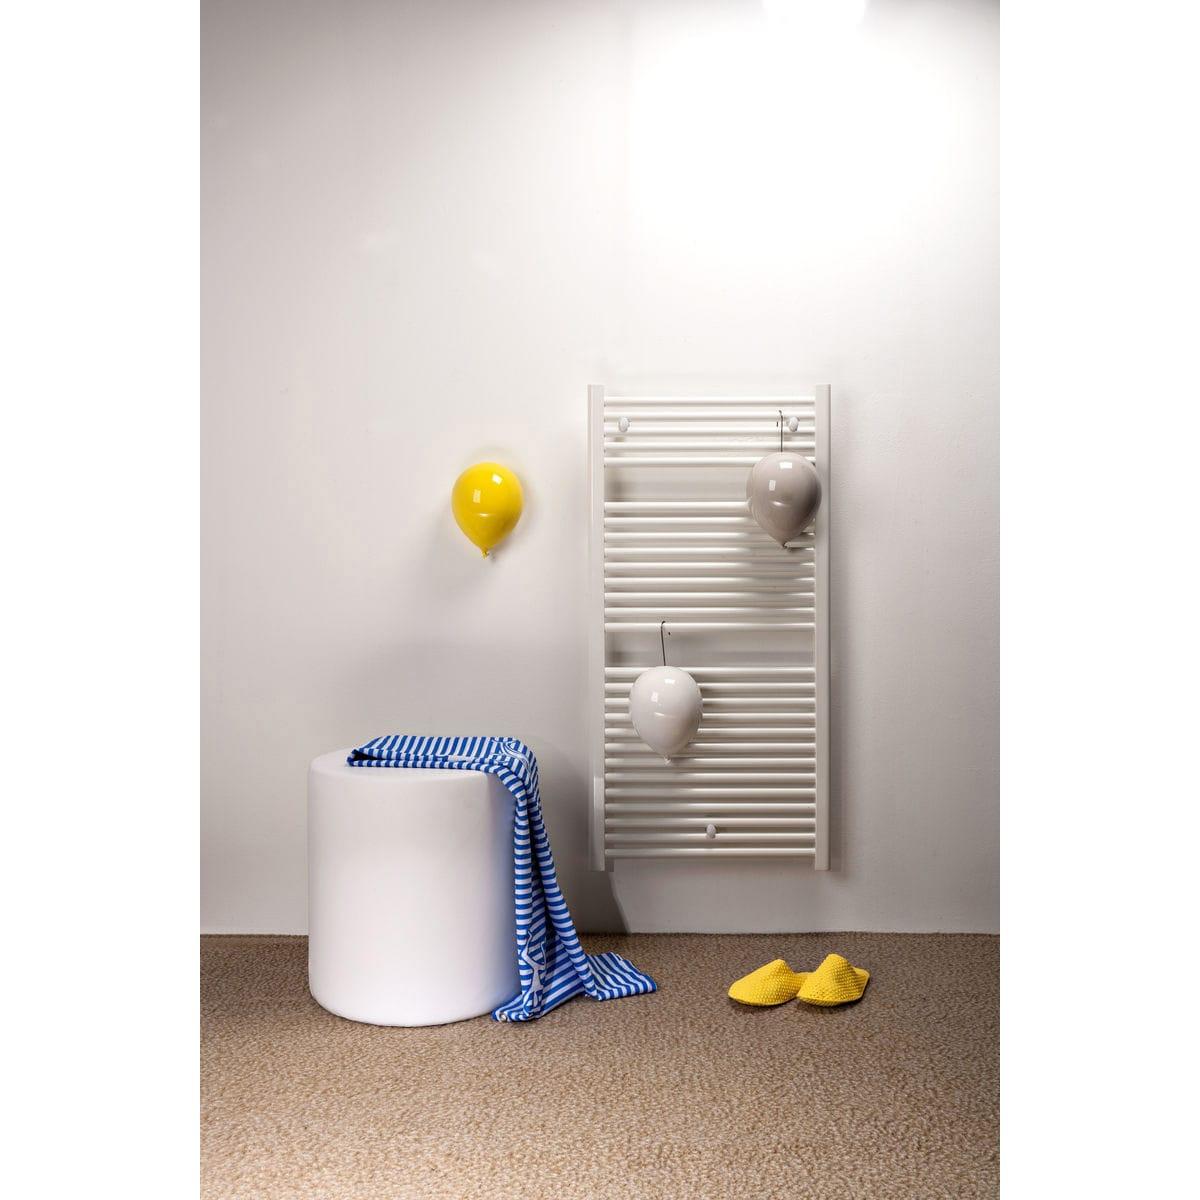 Umidificatori per radiatore in ceramica a forma di palloncino, collezione Balloon, colore giallo, bianco e grigio